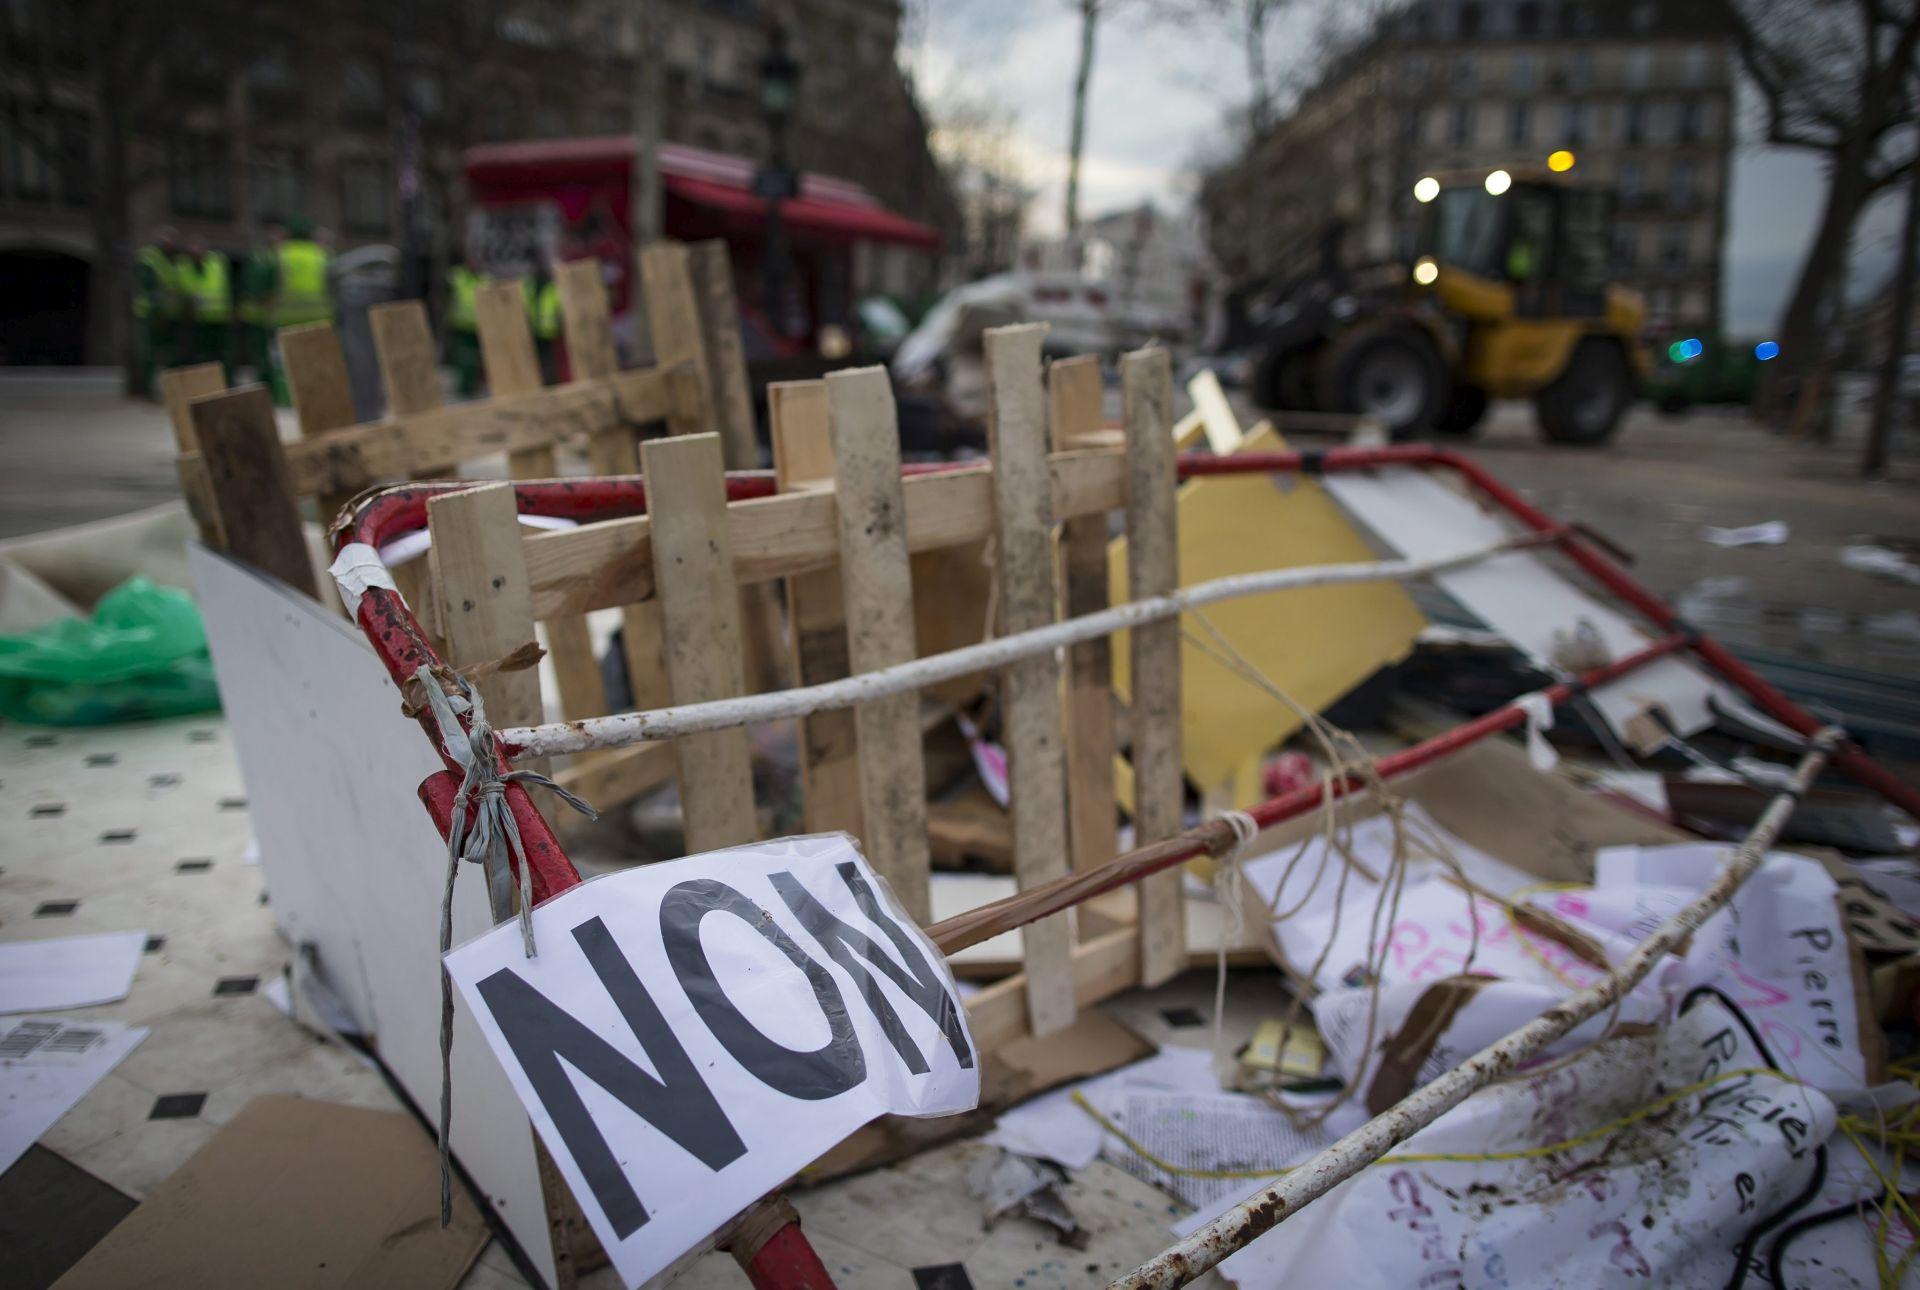 TREĆA OPERACIJA: U Parizu nova evakuacija logora s tisuću migranata